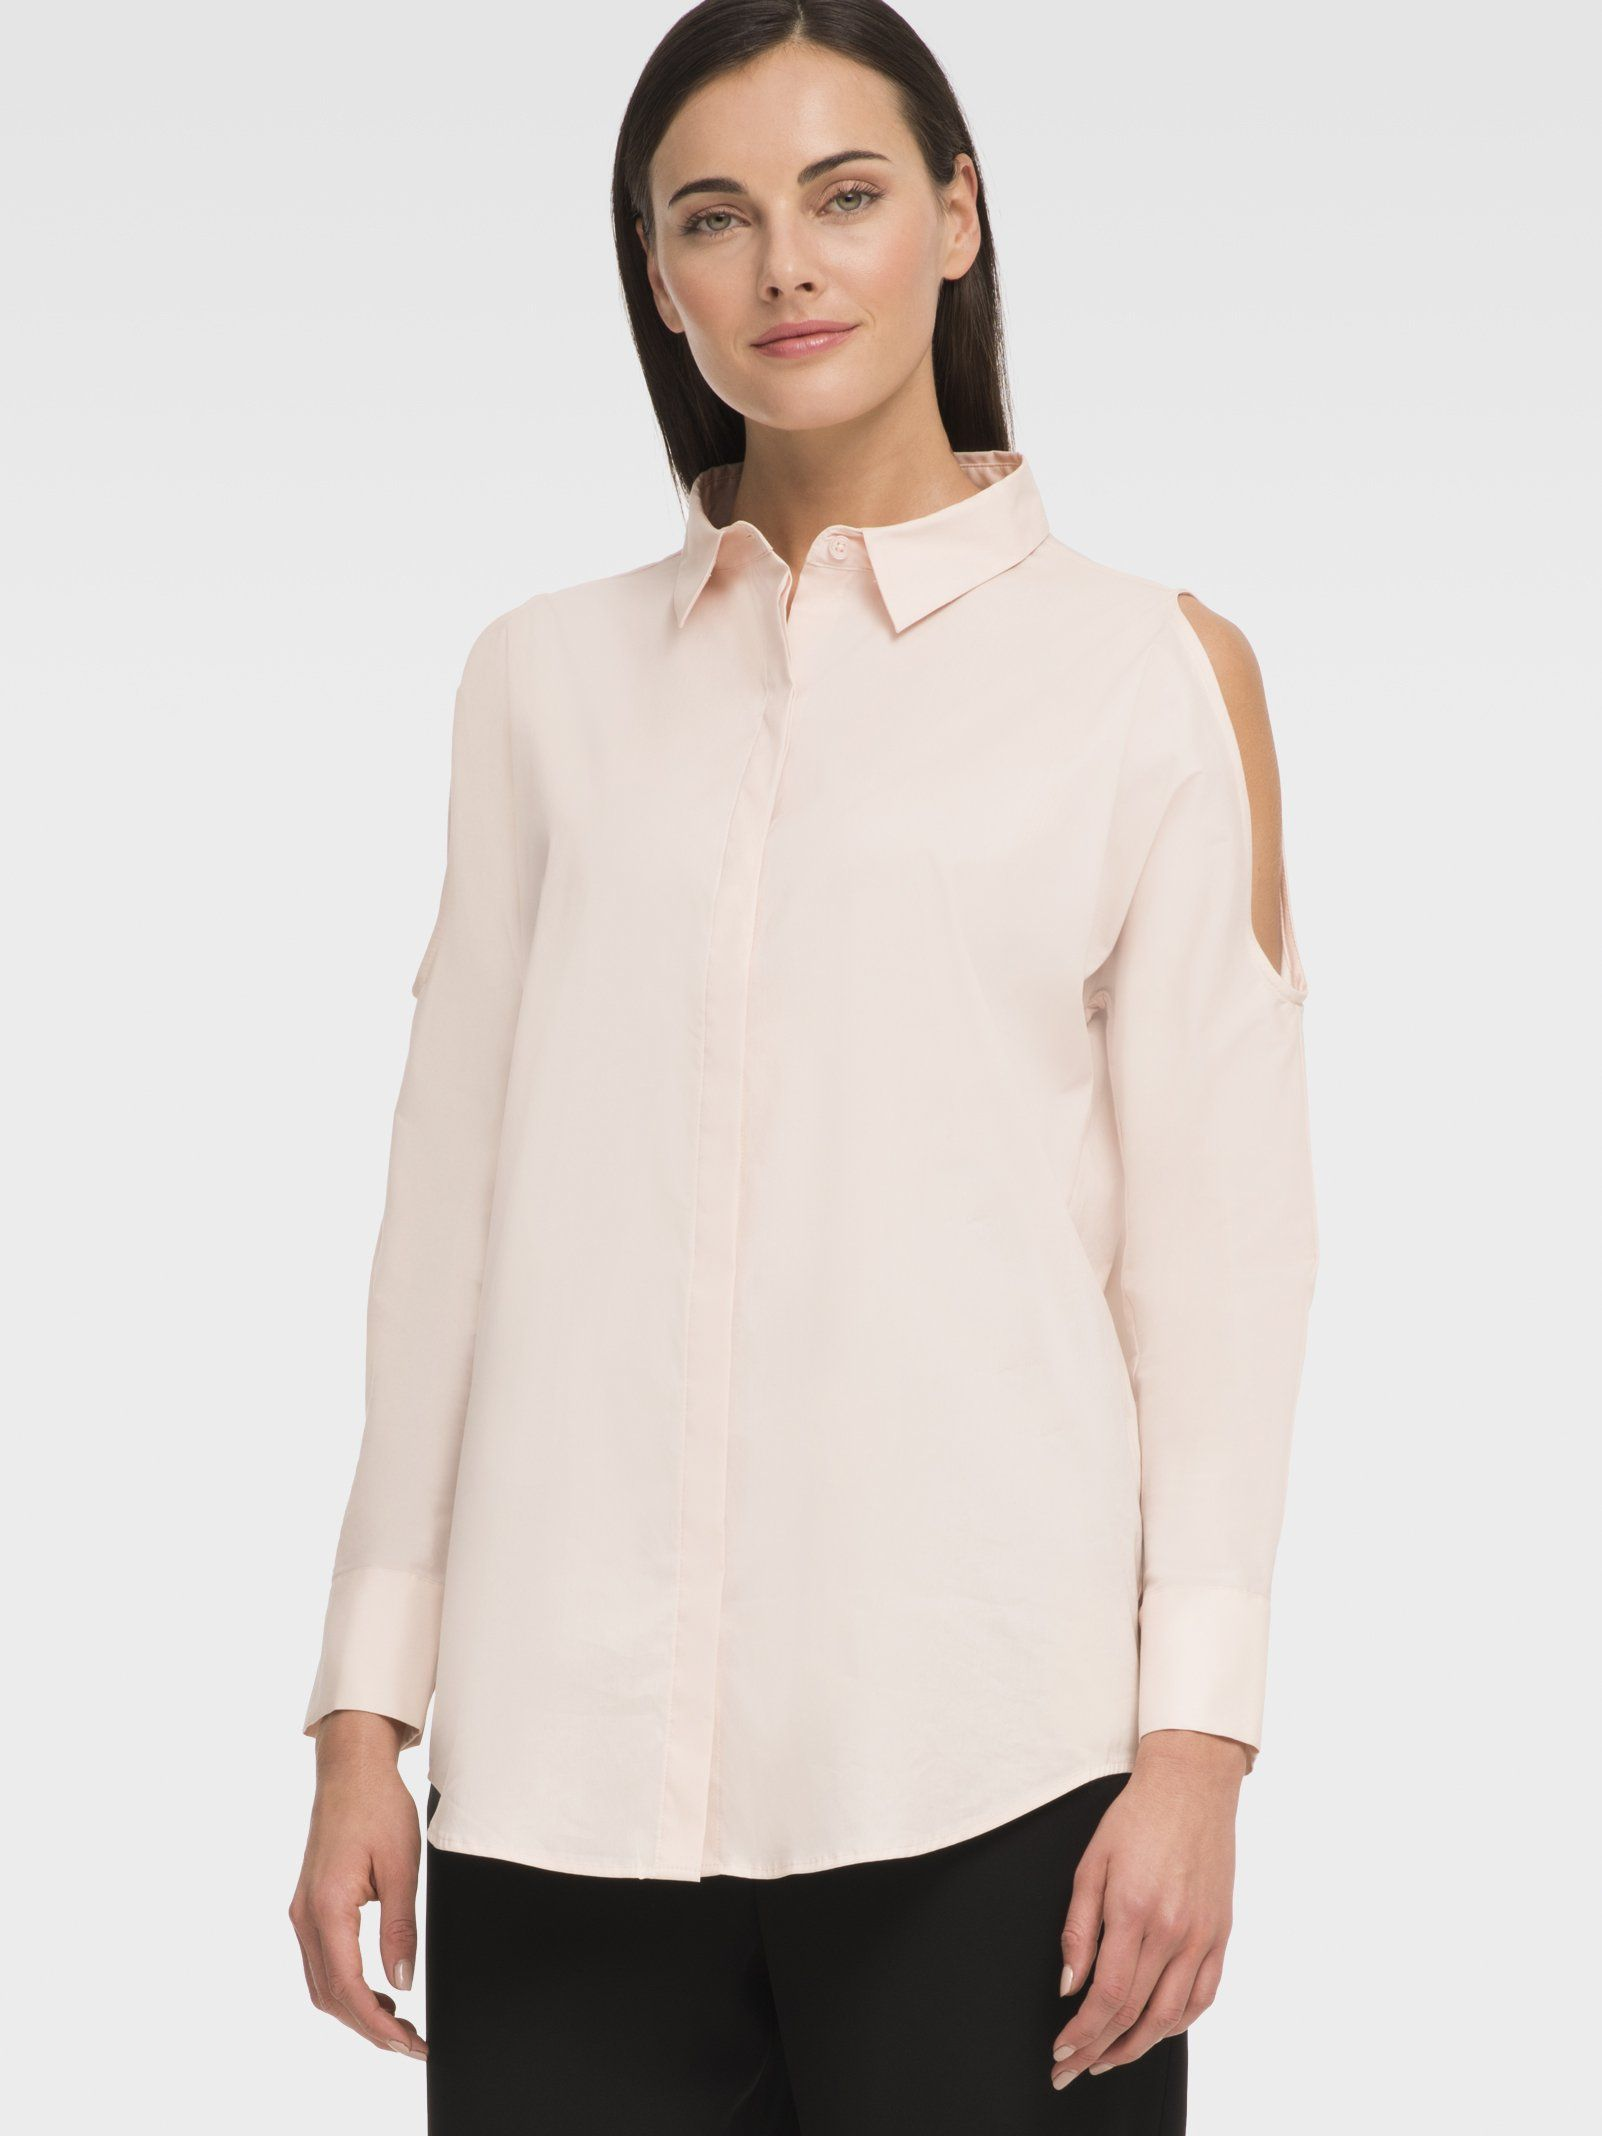 Однотонная блузка прямого кроя с вырезами на плечах от DKNY